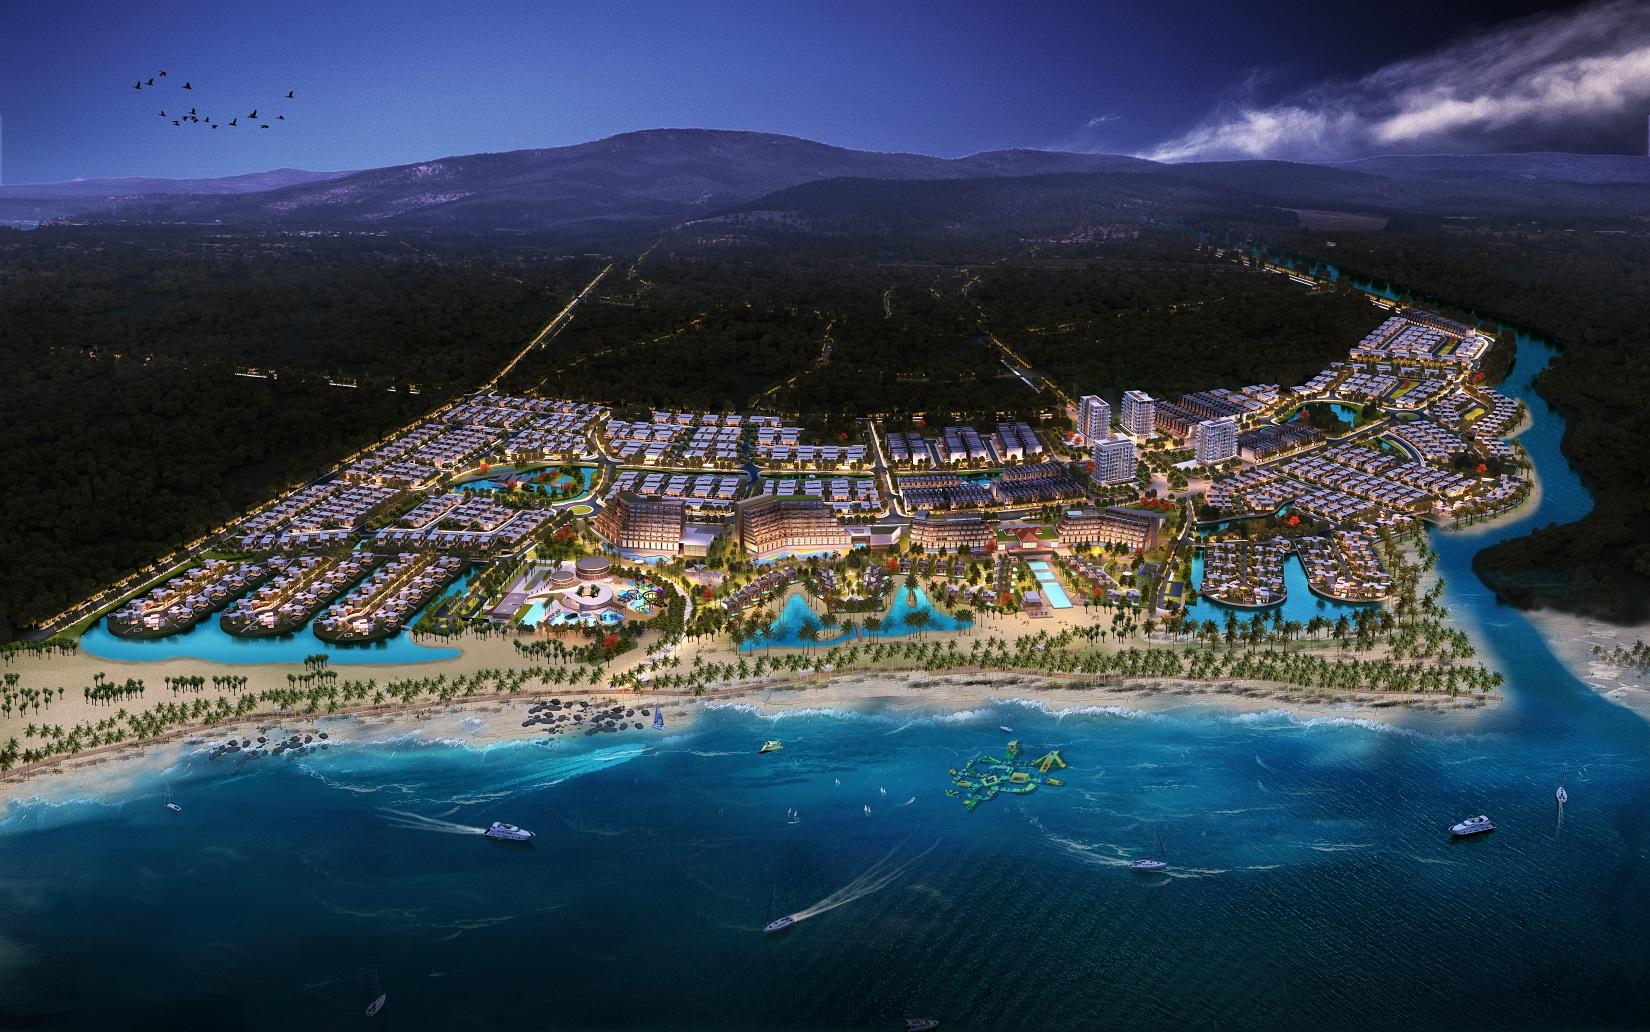 Siêu dự án 3.500 tỷ đồng của Hưng Thịnh tại Bình Định được phê duyệt quy hoạch 1/500 - Ảnh 1.